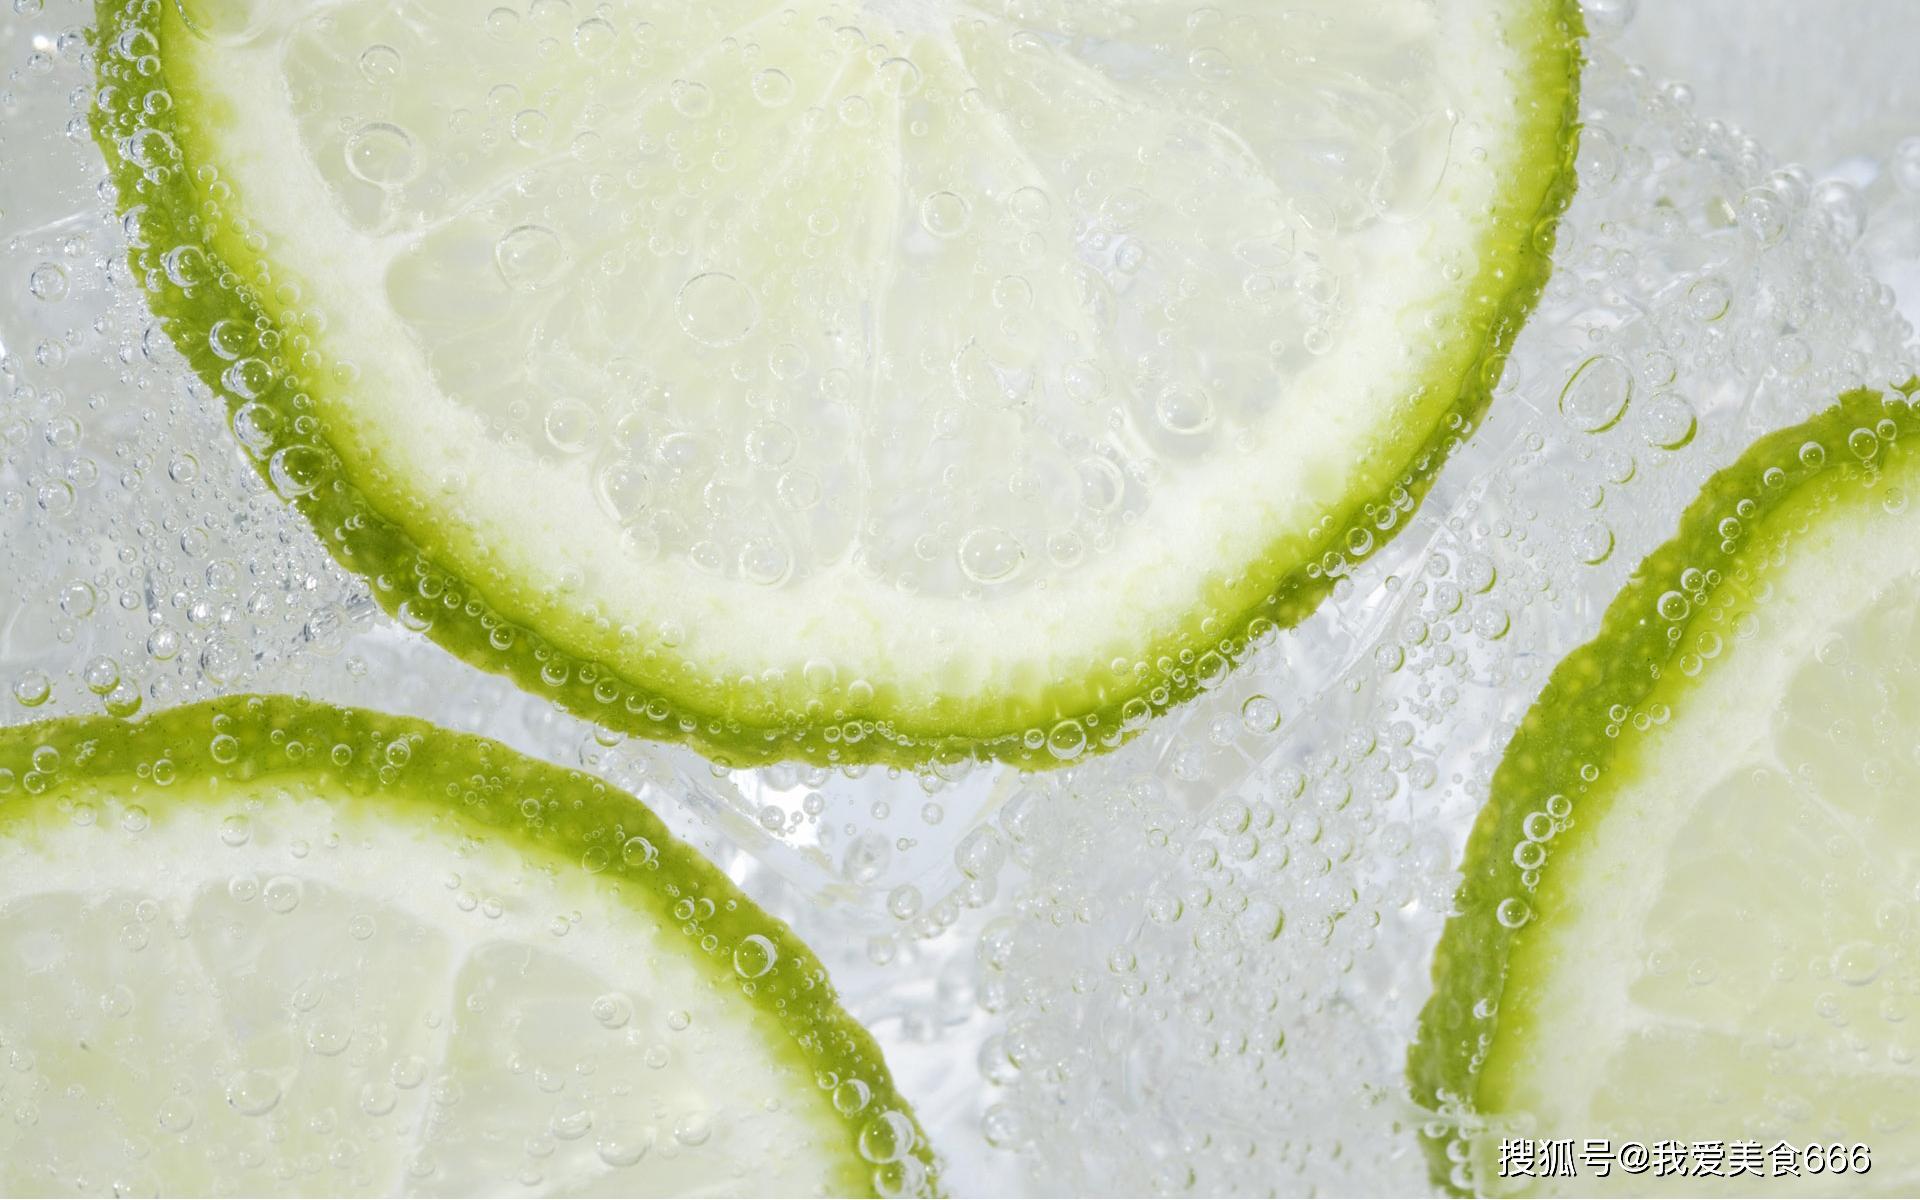 【怎么清洗柠檬表皮】_怎样清洗_如何清洗-大众养生网